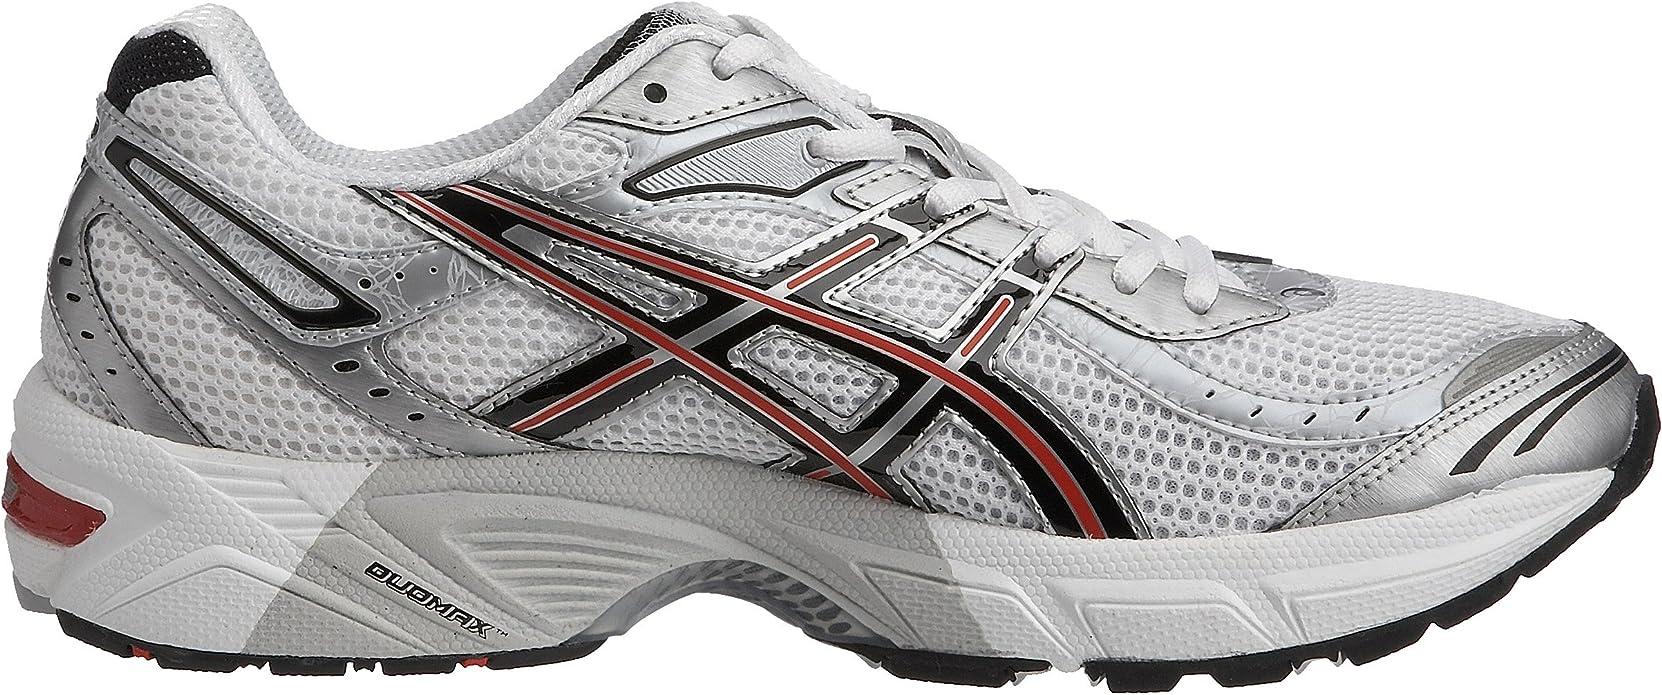 Asics Men's Gel 1140 Running Shoe White